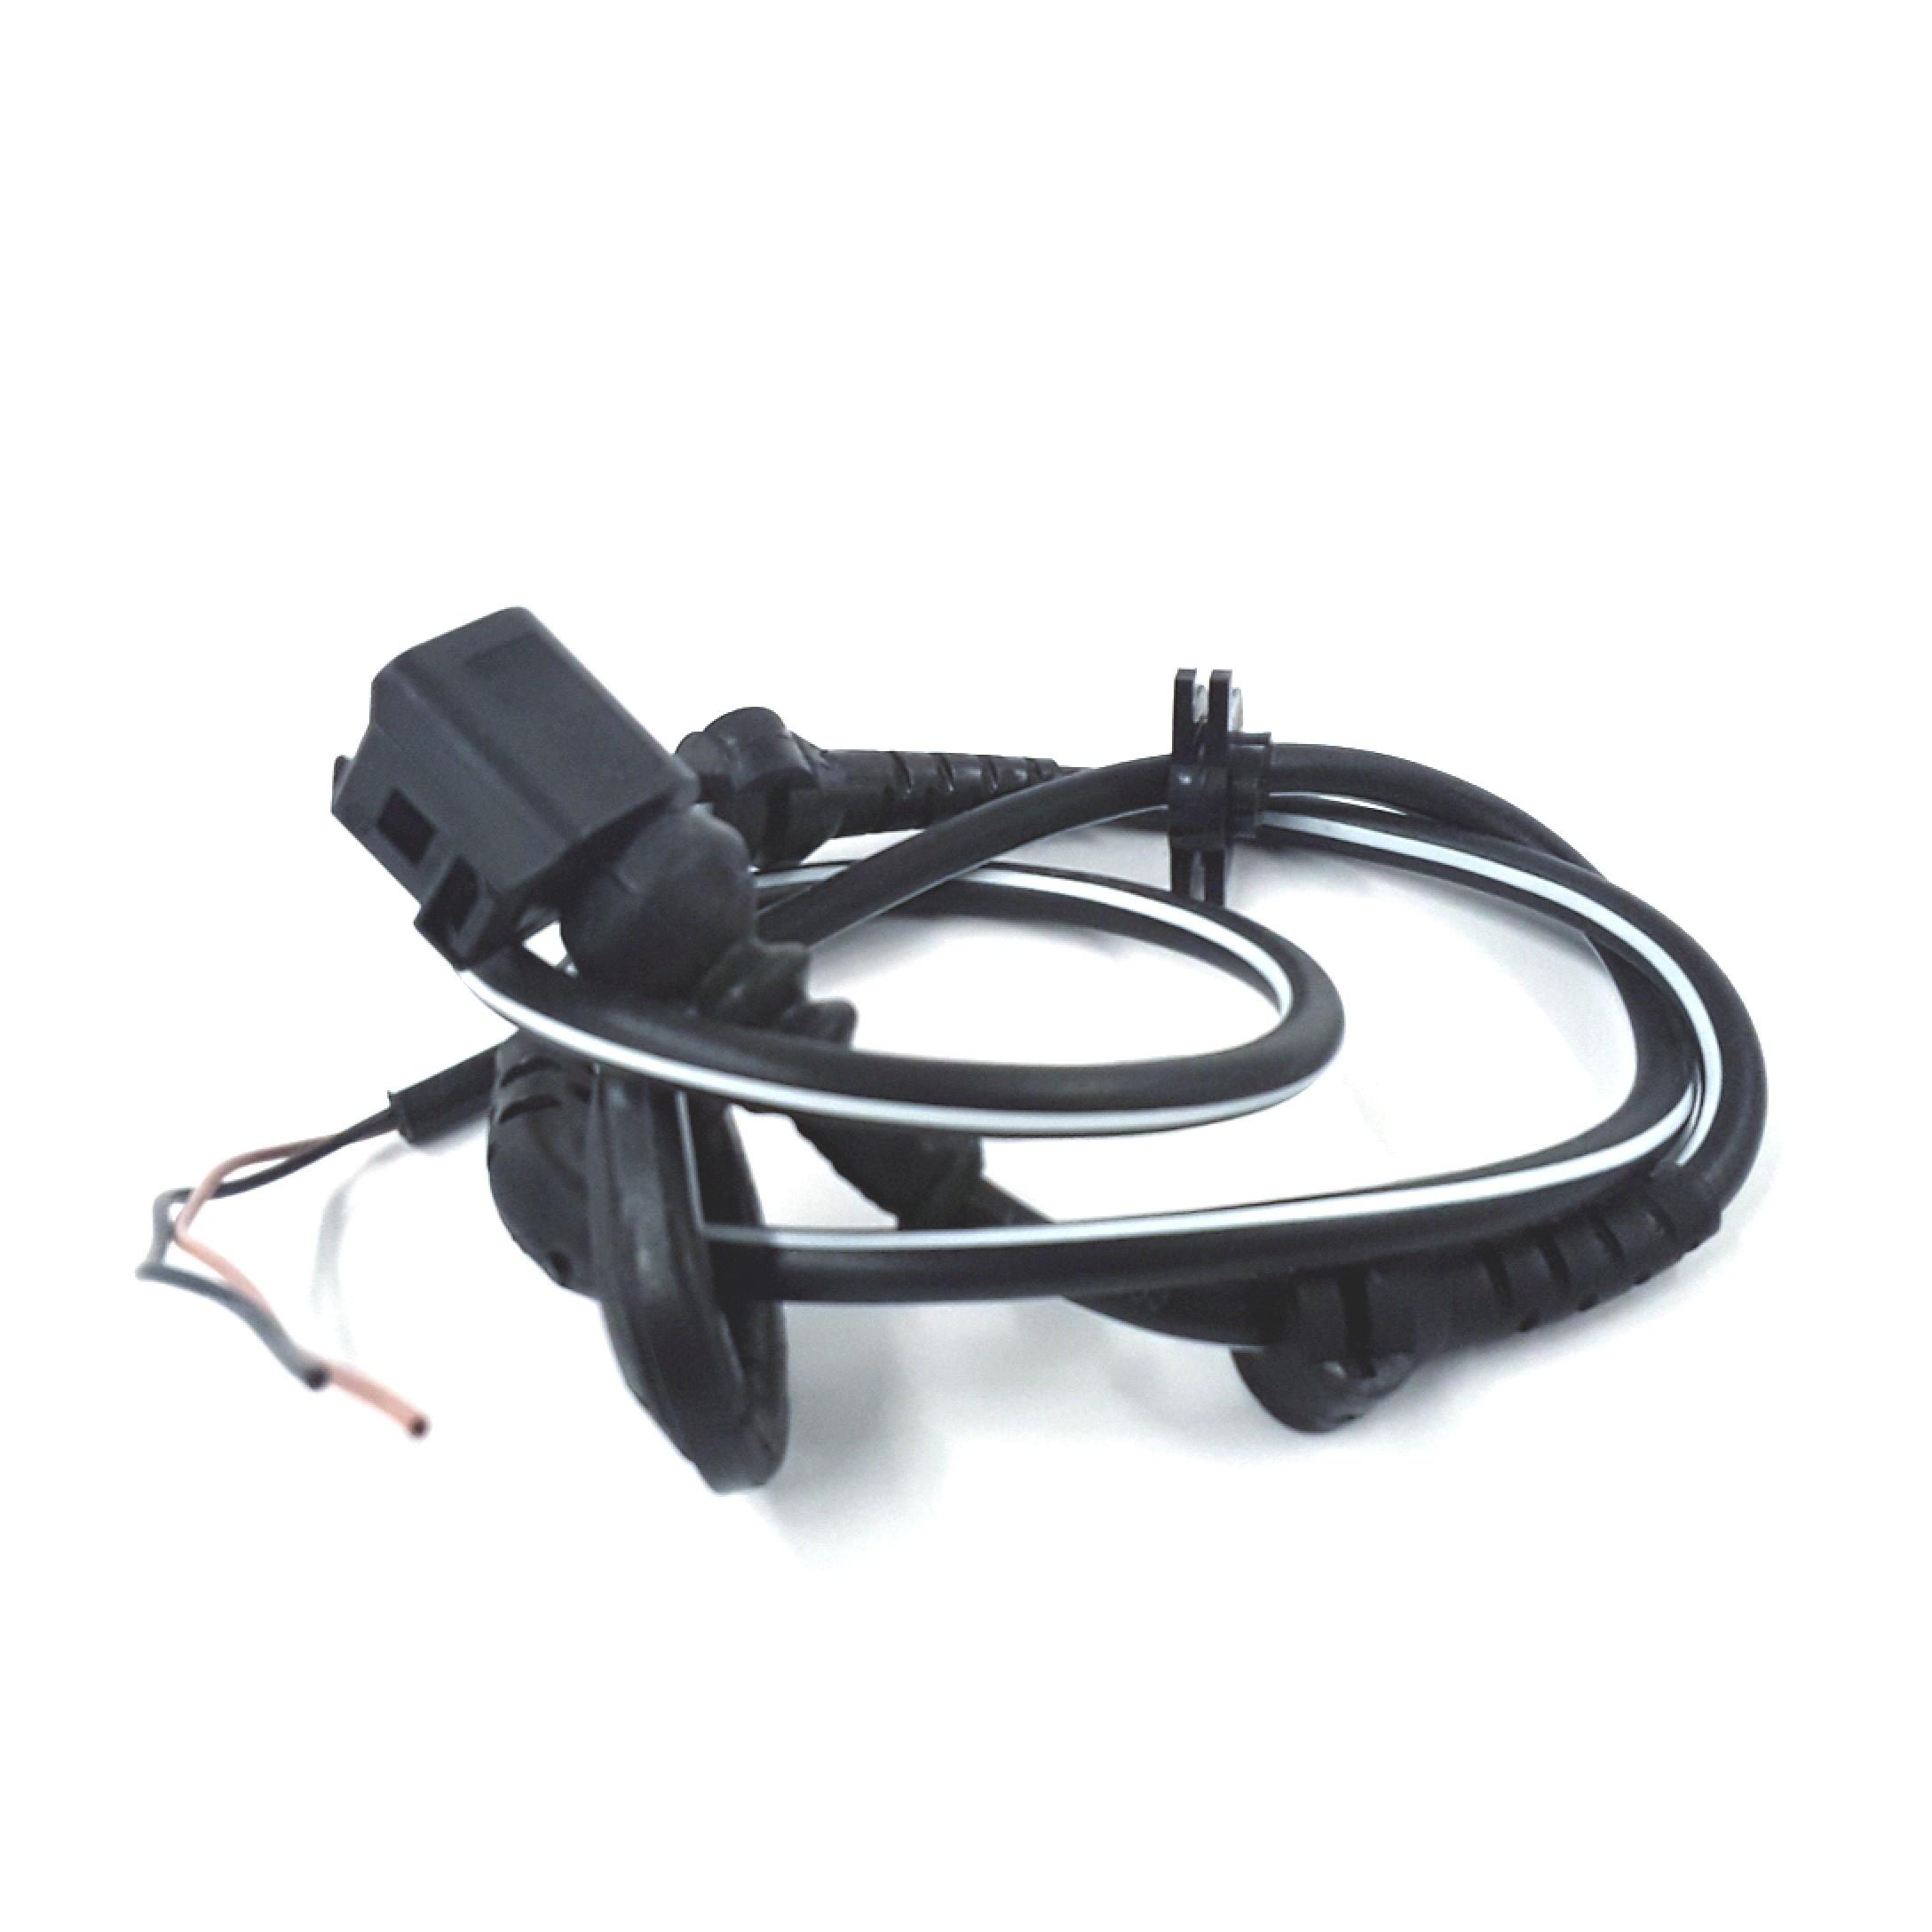 Volkswagen Beetle Abs Wheel Speed Sensor Wiring Harness